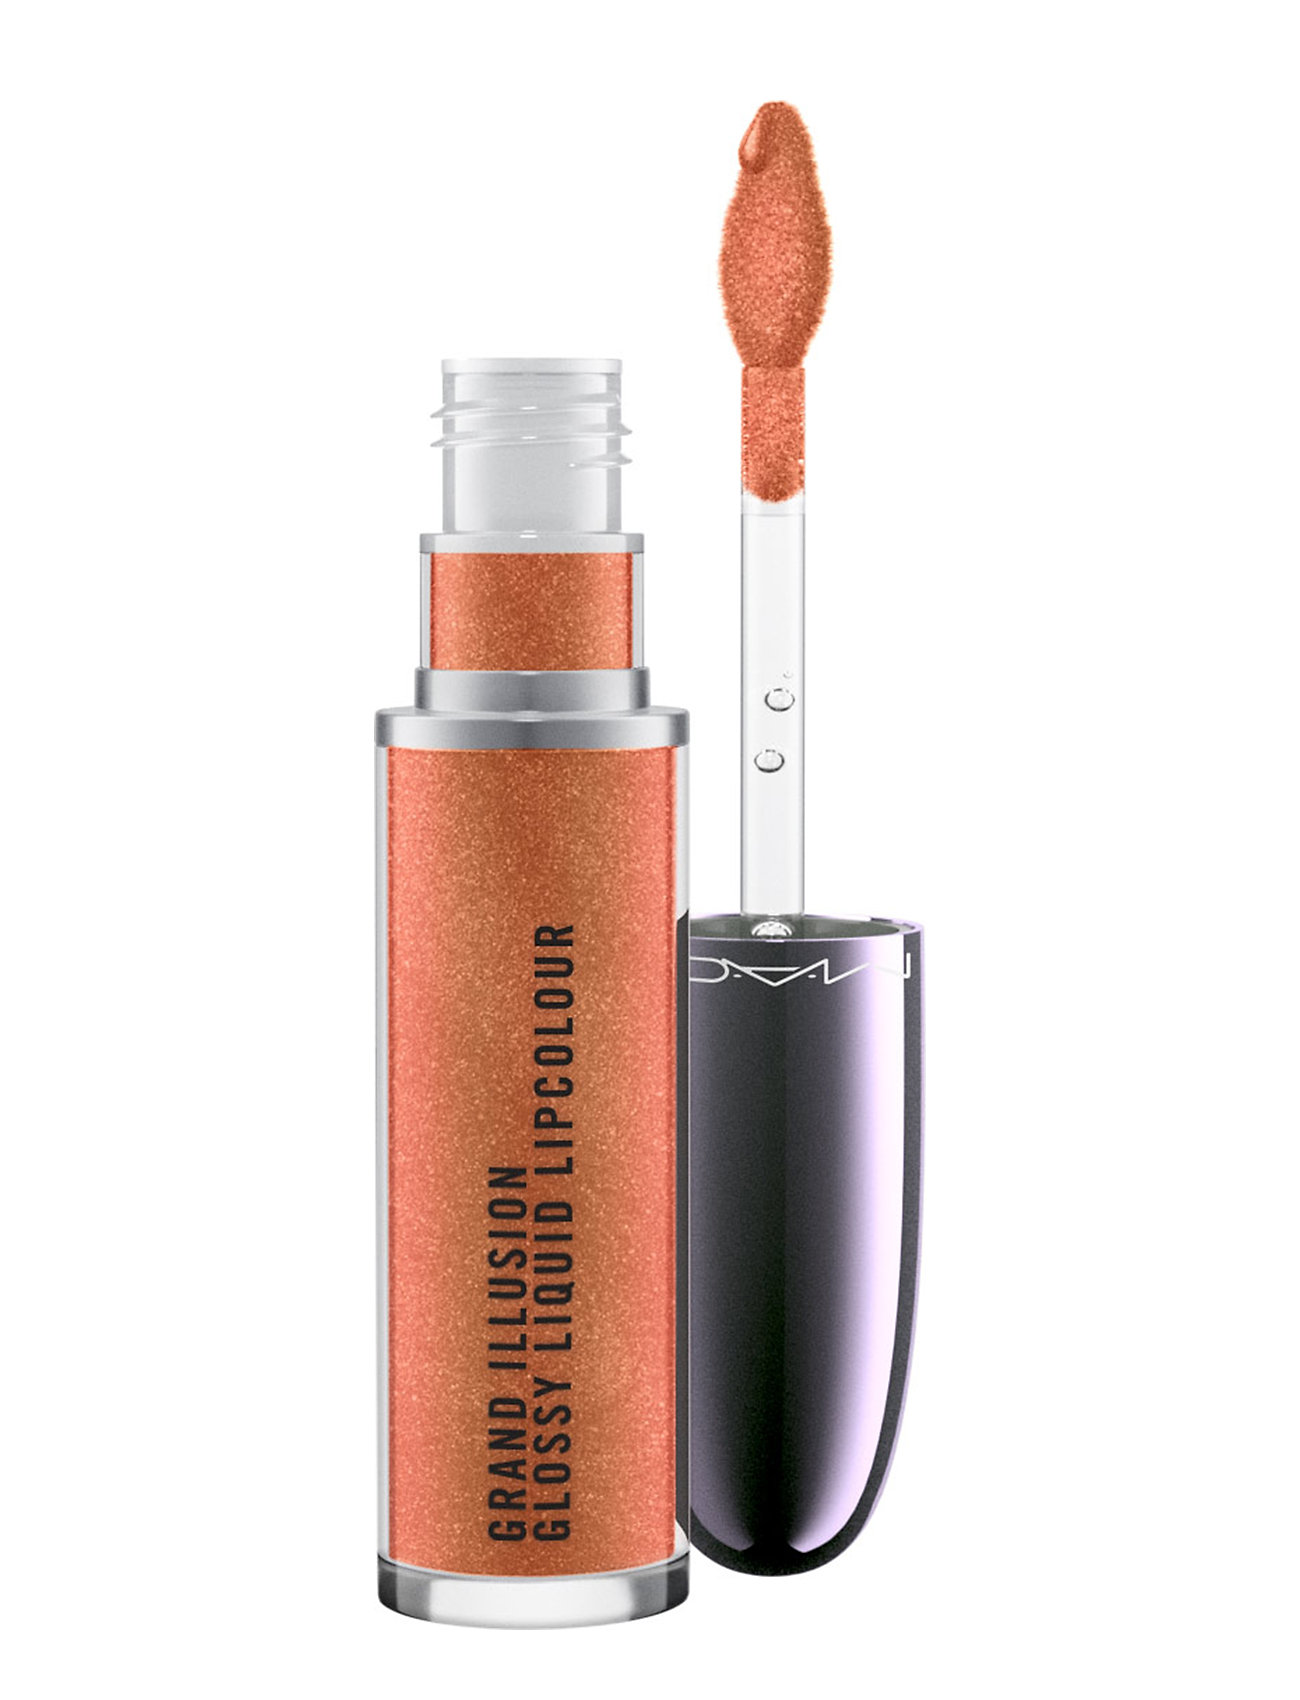 M.A.C. Grand Illusion Glossy Liquid Lipcolour Autumn Russet - AUTUMN RUSSET